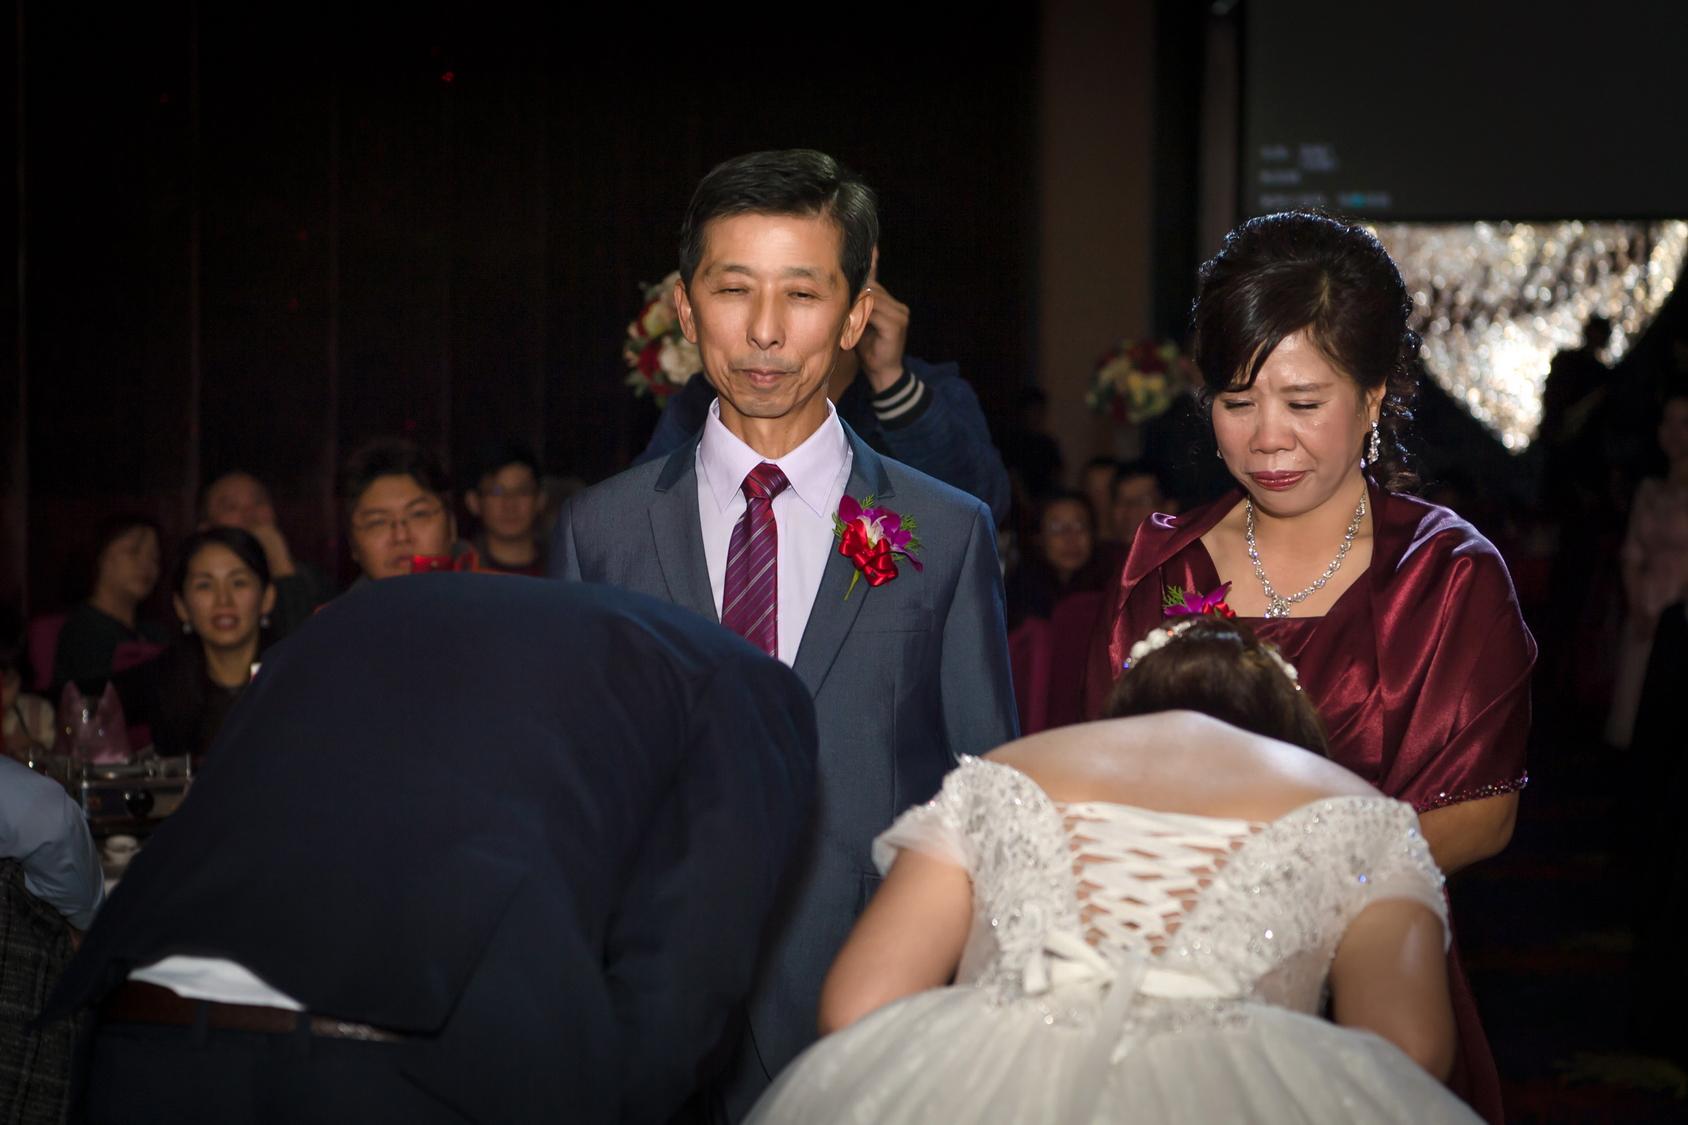 【比堤婚紗.結婚.婚禮紀錄】哲宇 ♥ 貝恩_44